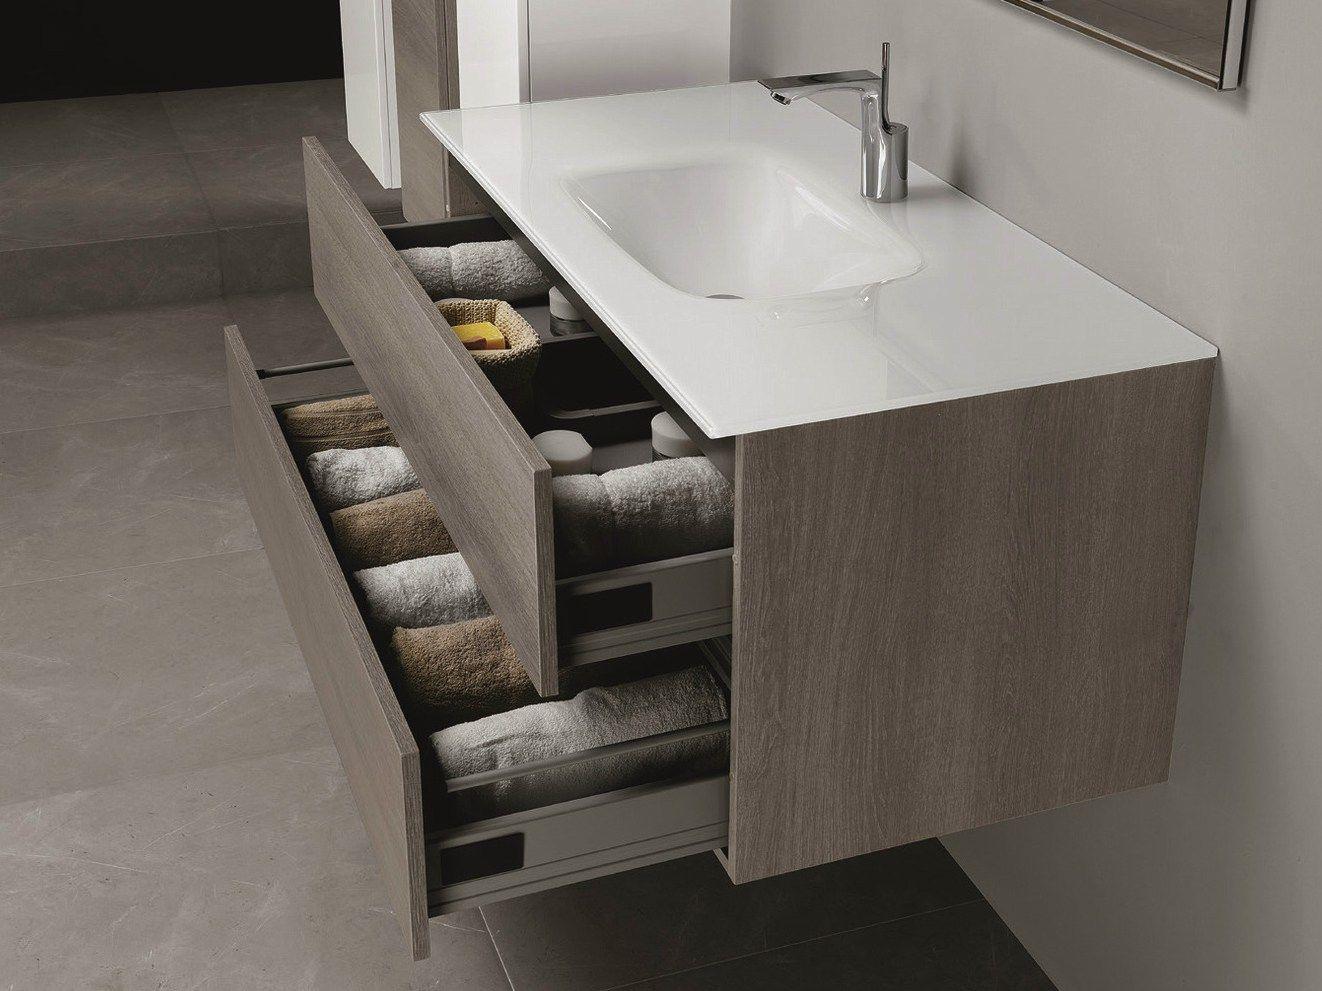 h ngender waschtischunterschrank mit schubladen by. Black Bedroom Furniture Sets. Home Design Ideas